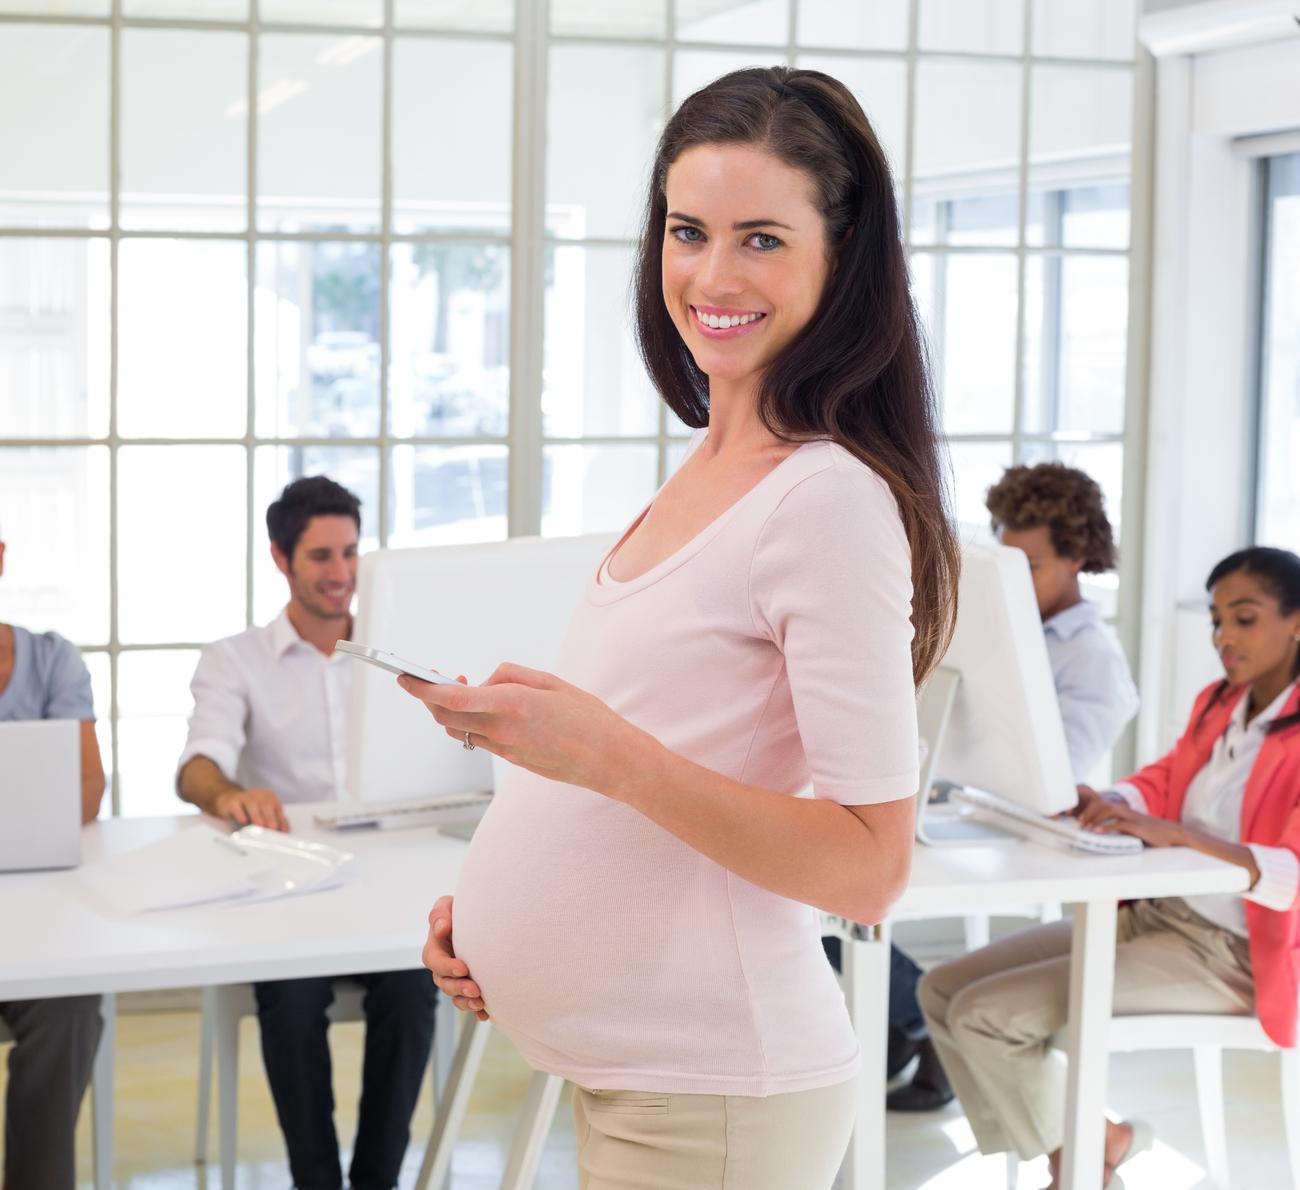 Como contar da gravidez no trabalho?